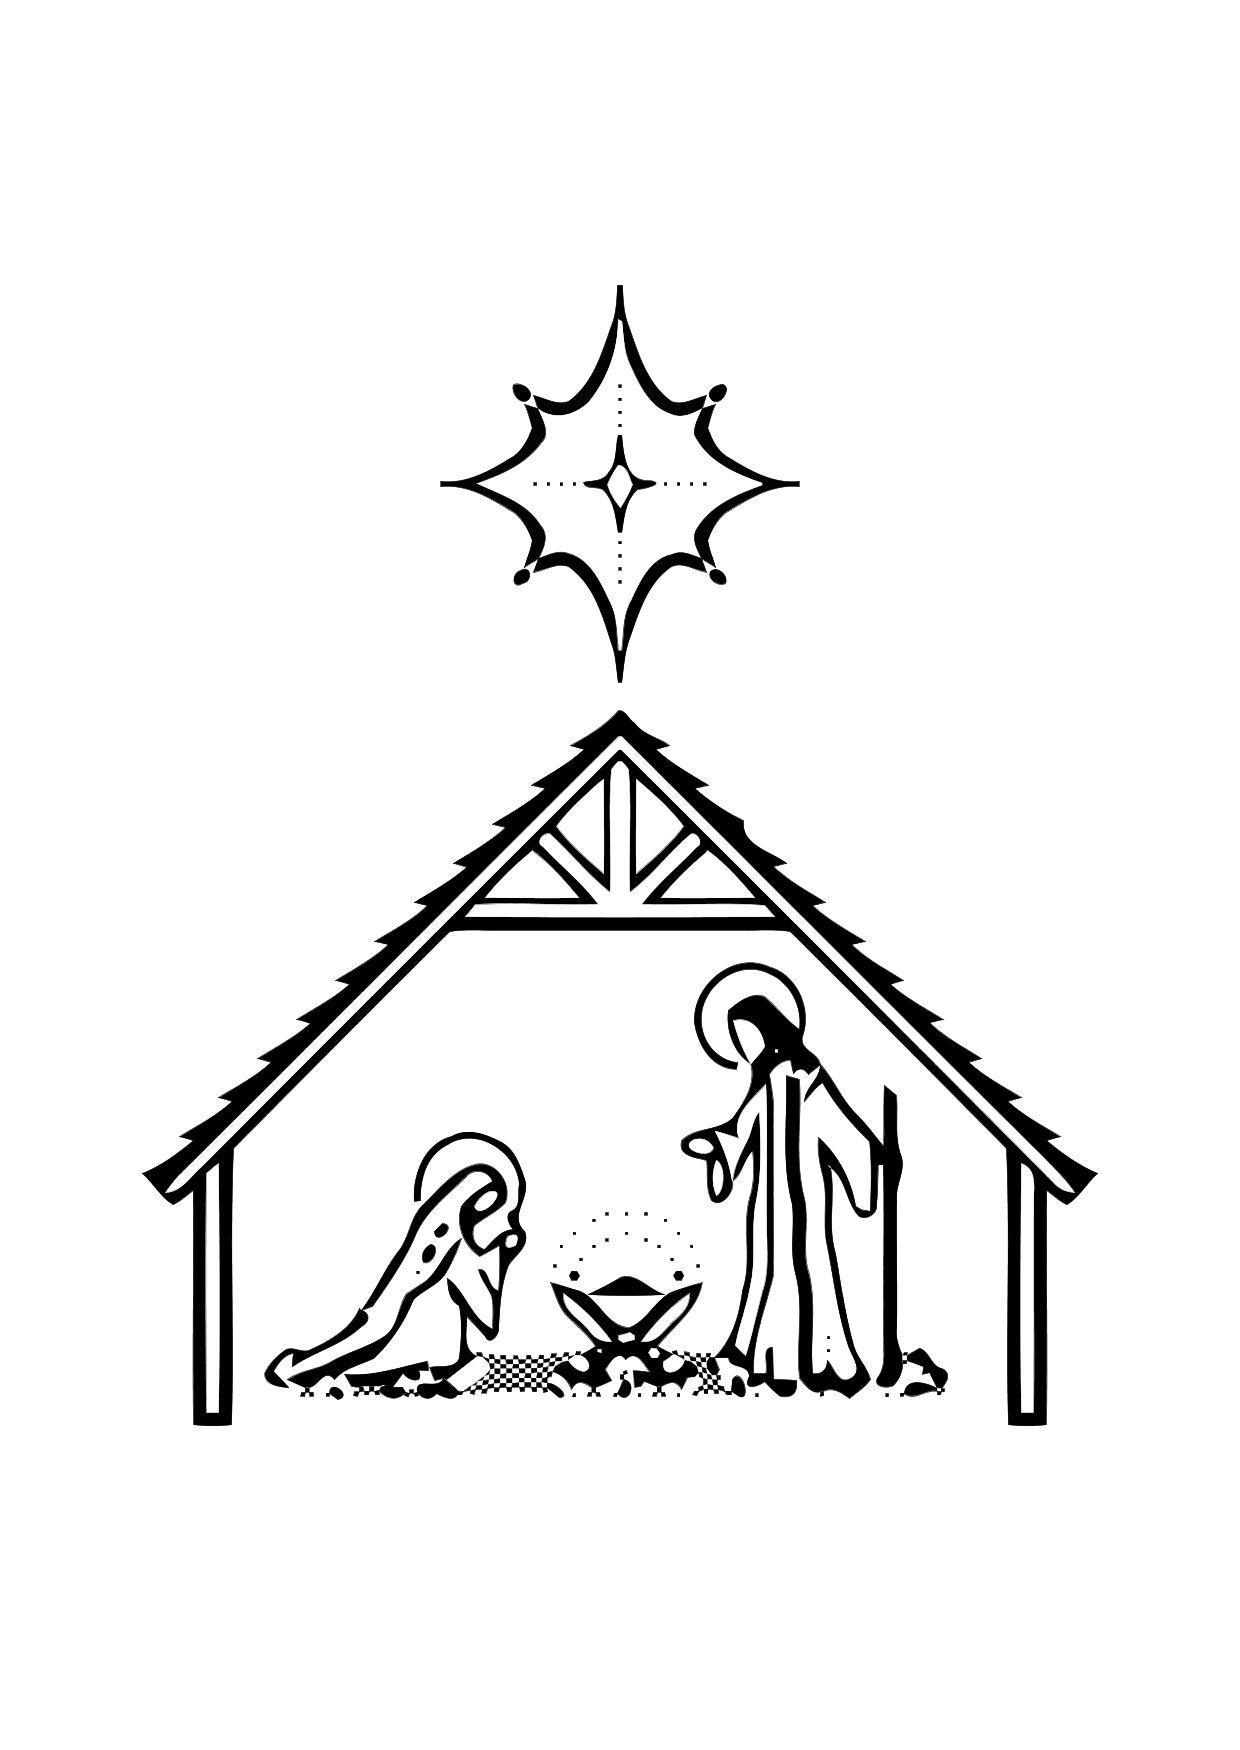 Malvorlage die Geburt von Jesus | Ausmalbild 11317.